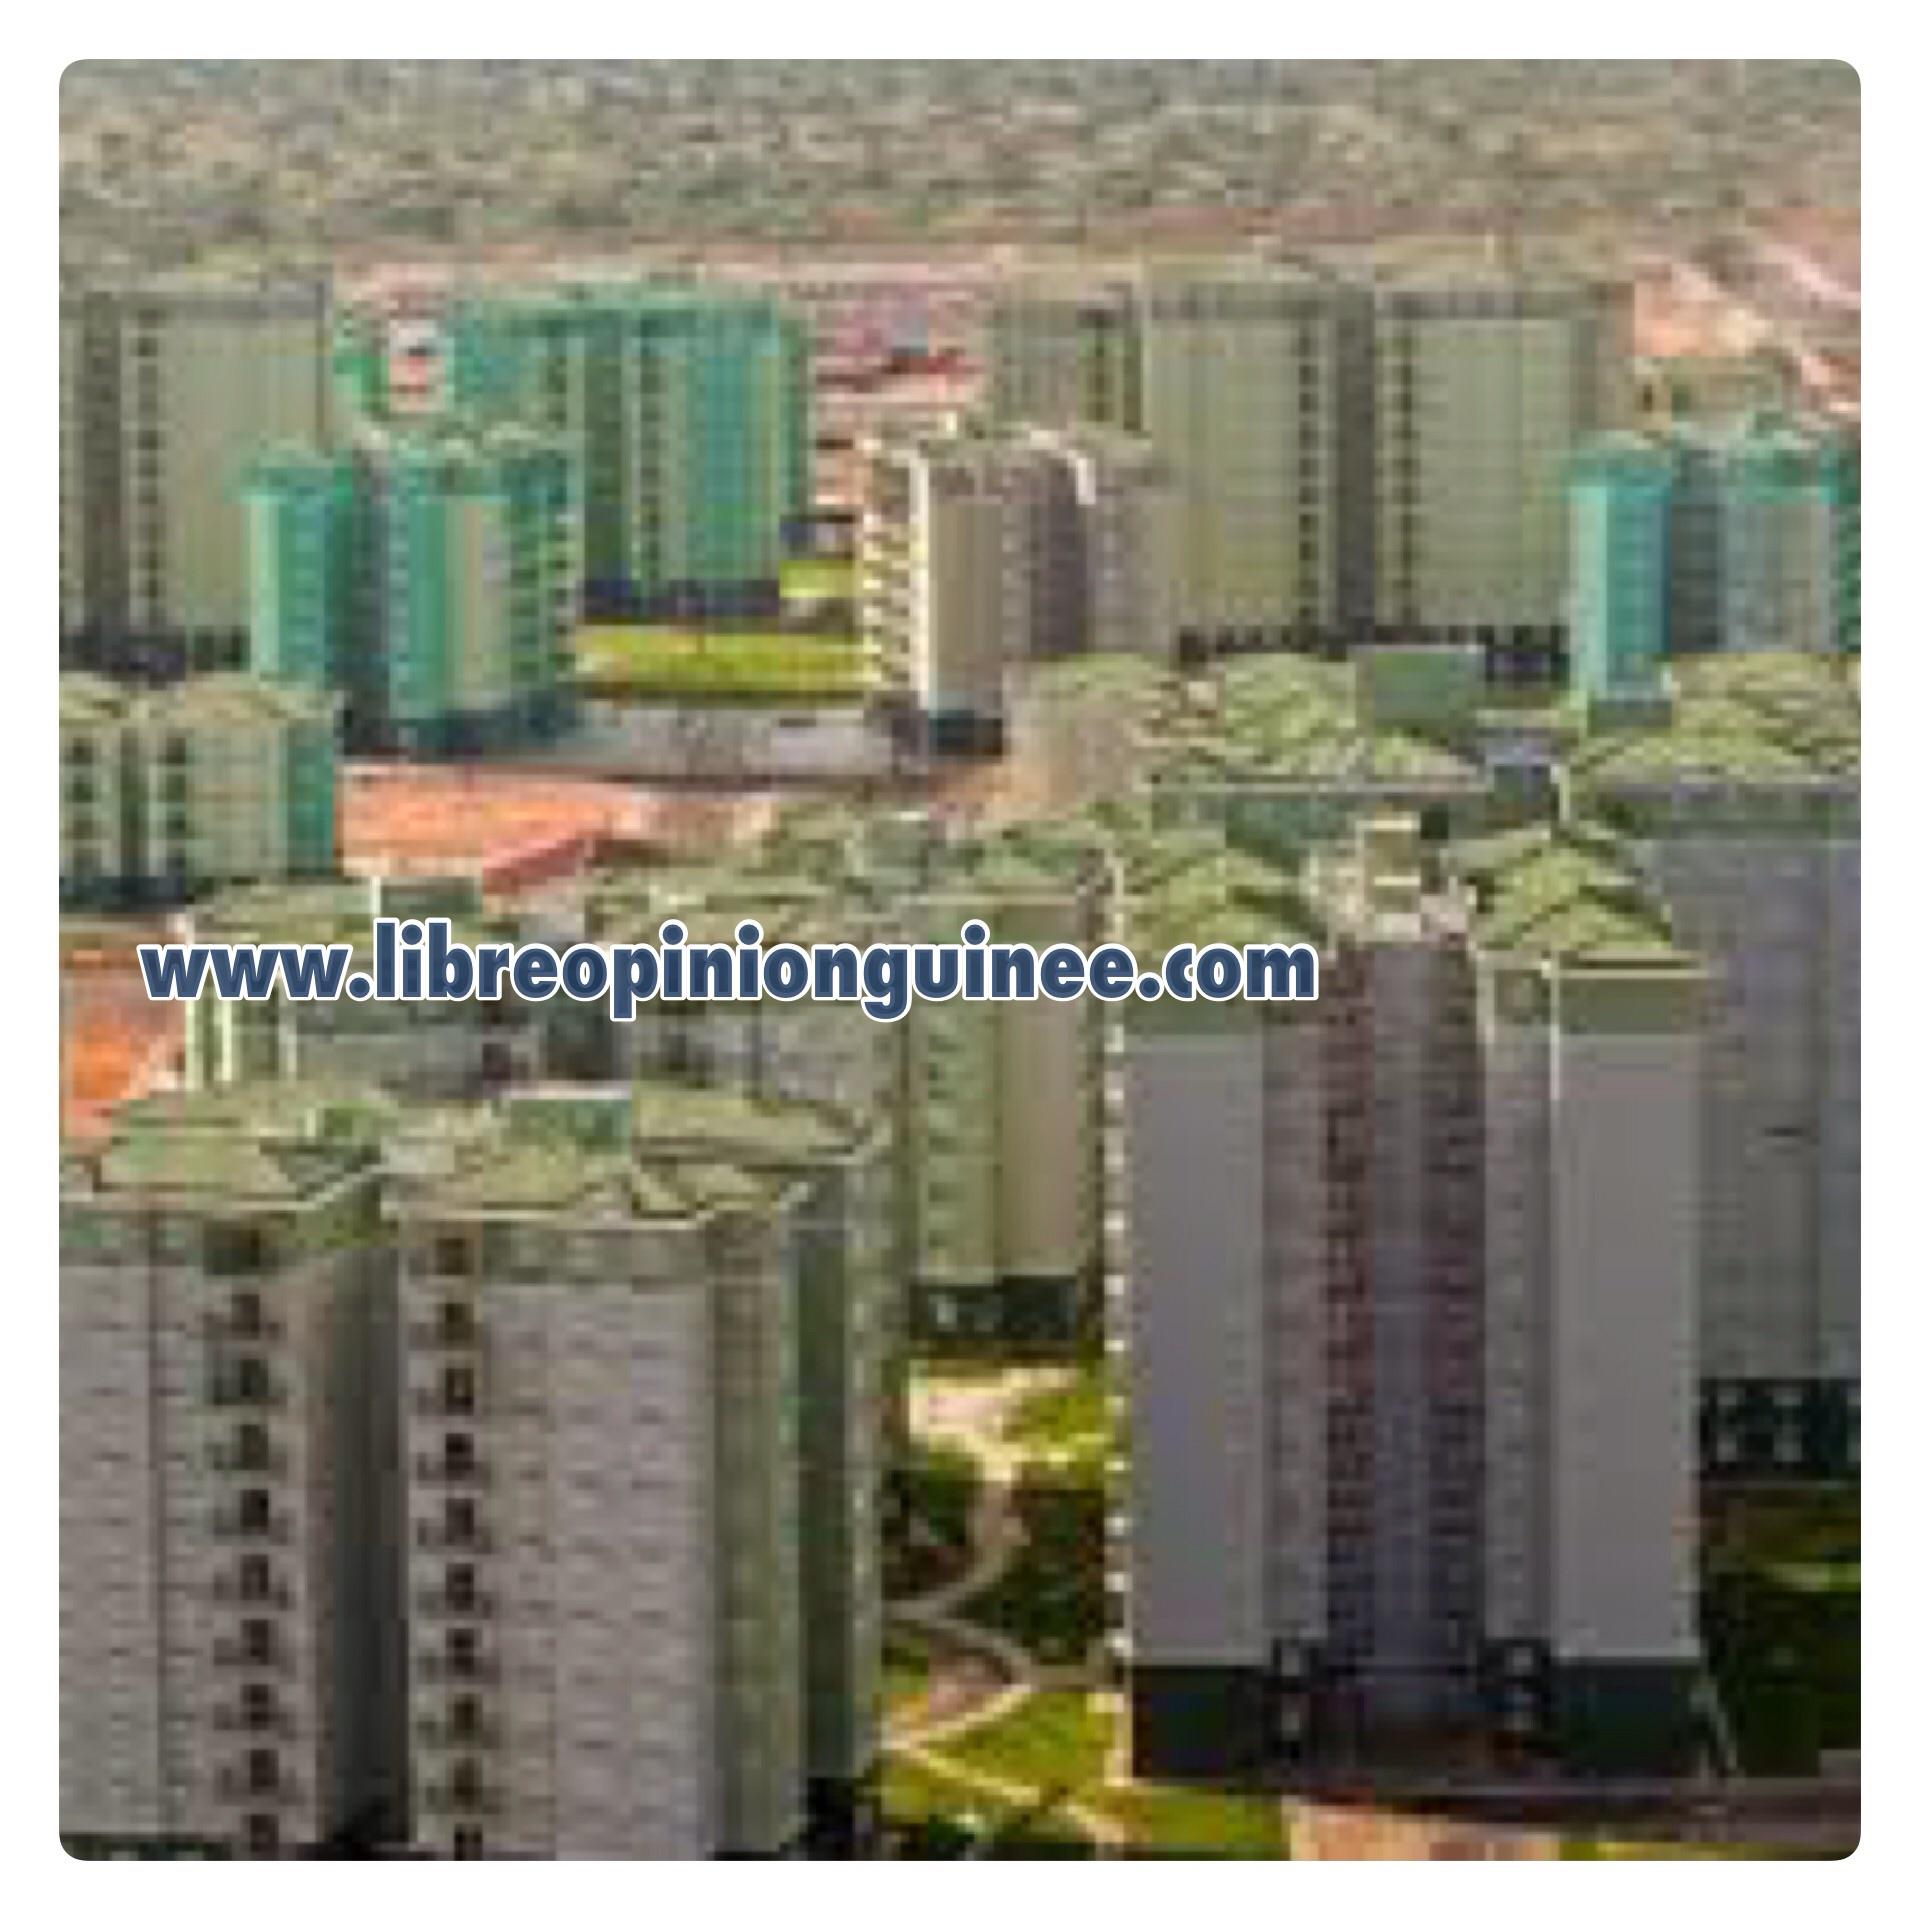 Photo logement sociaux guinée